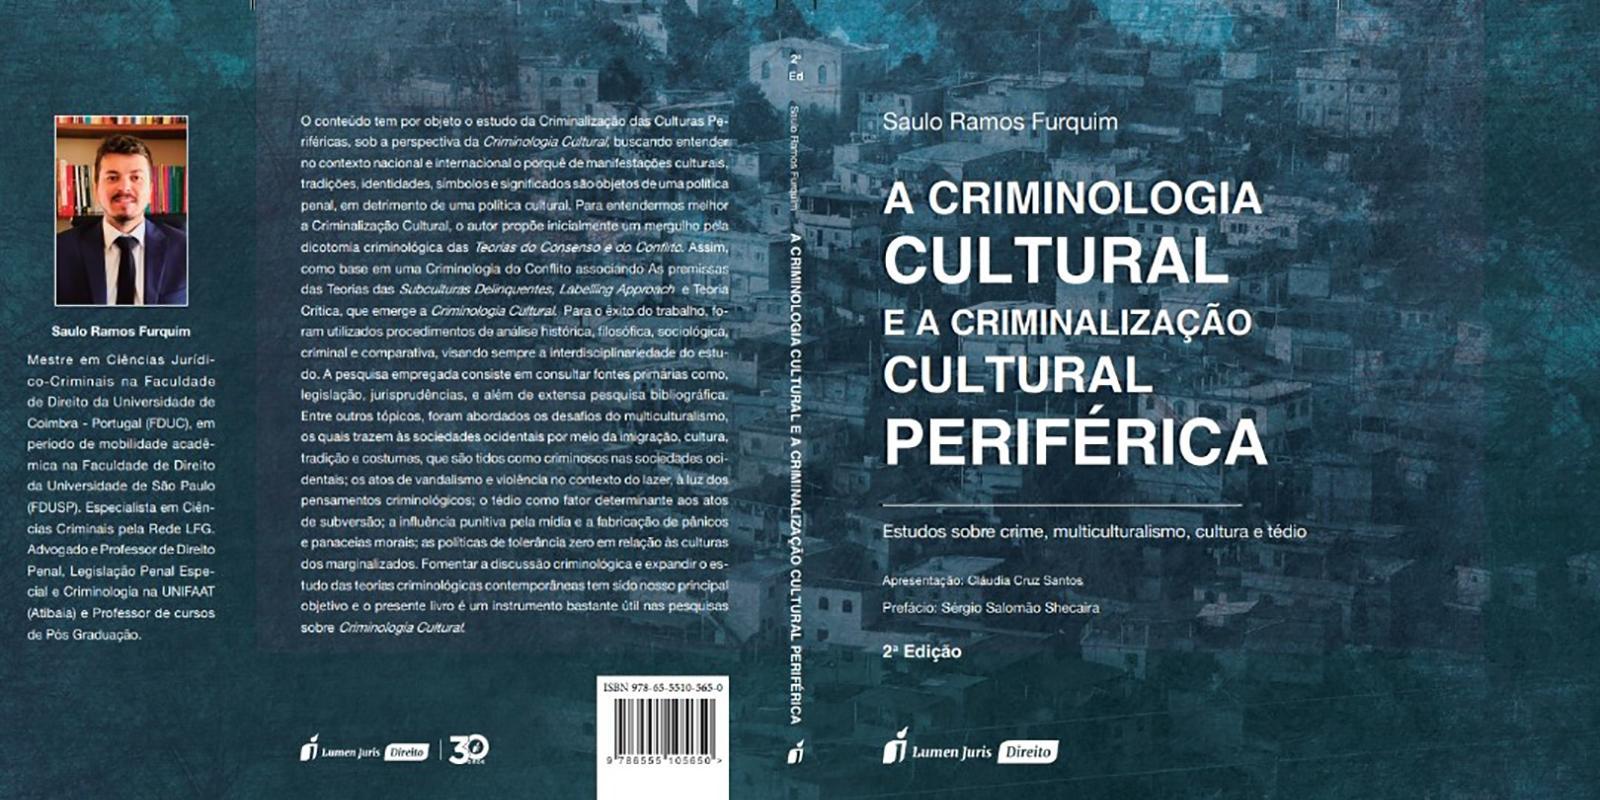 Livro que aborda o tema 'criminologia cultural' ganha segunda edição